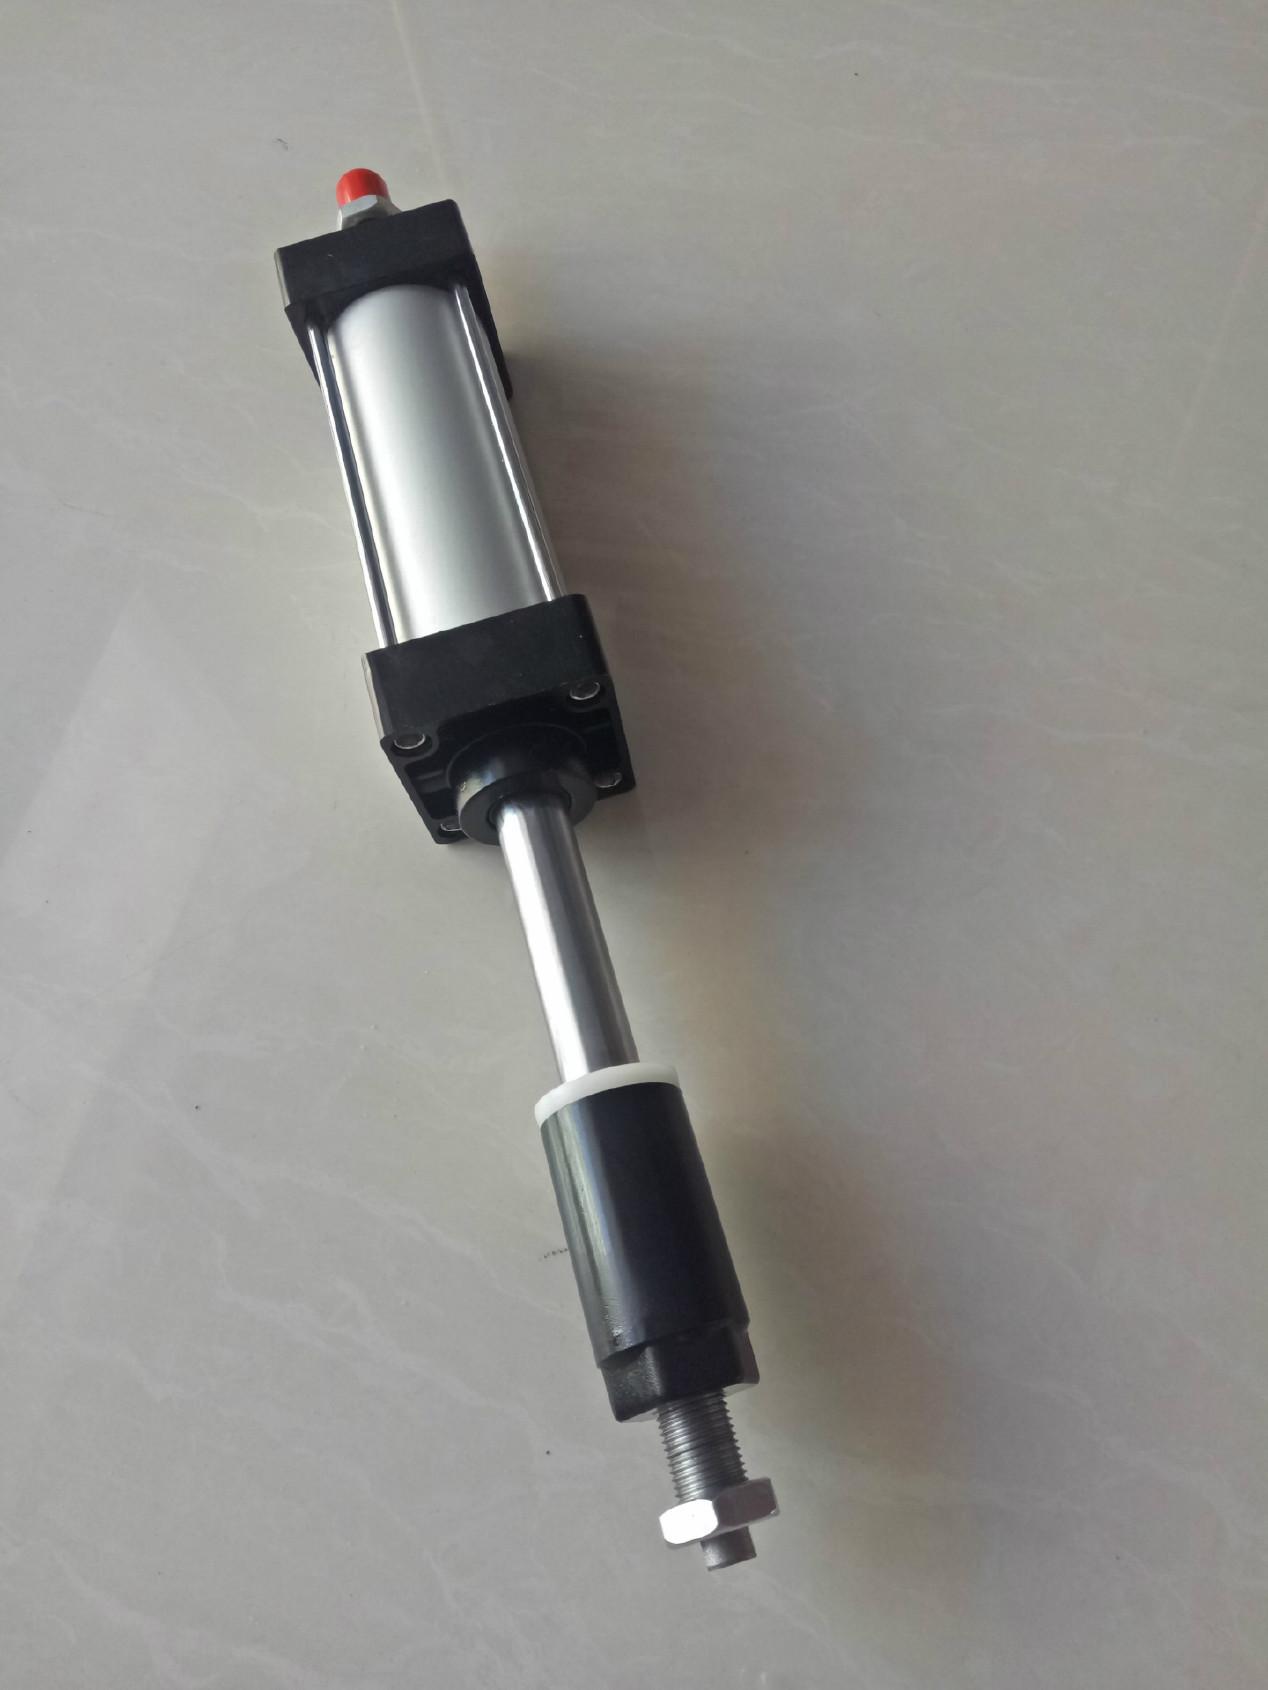 scj 可调气缸 双作用型 可调节行程气缸 支持非标定制图片